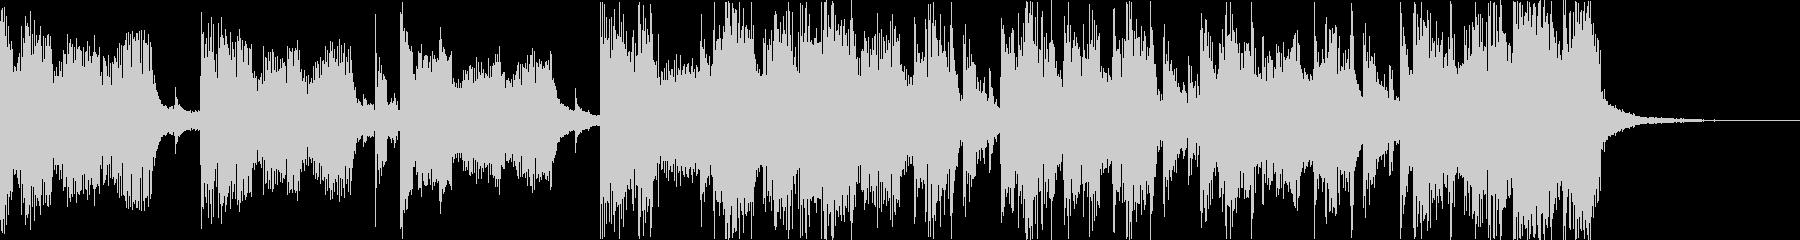 おしゃれクールセクシーR&Bエレクトロdの未再生の波形